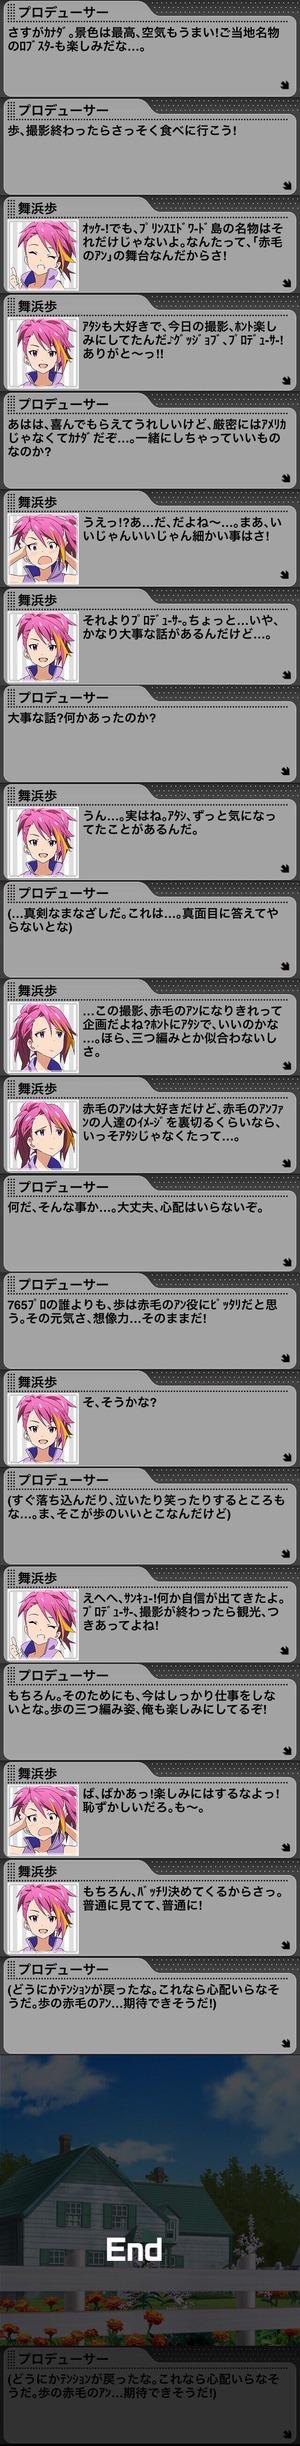 舞浜歩アイドルエピソード「アユム・シャーリー3